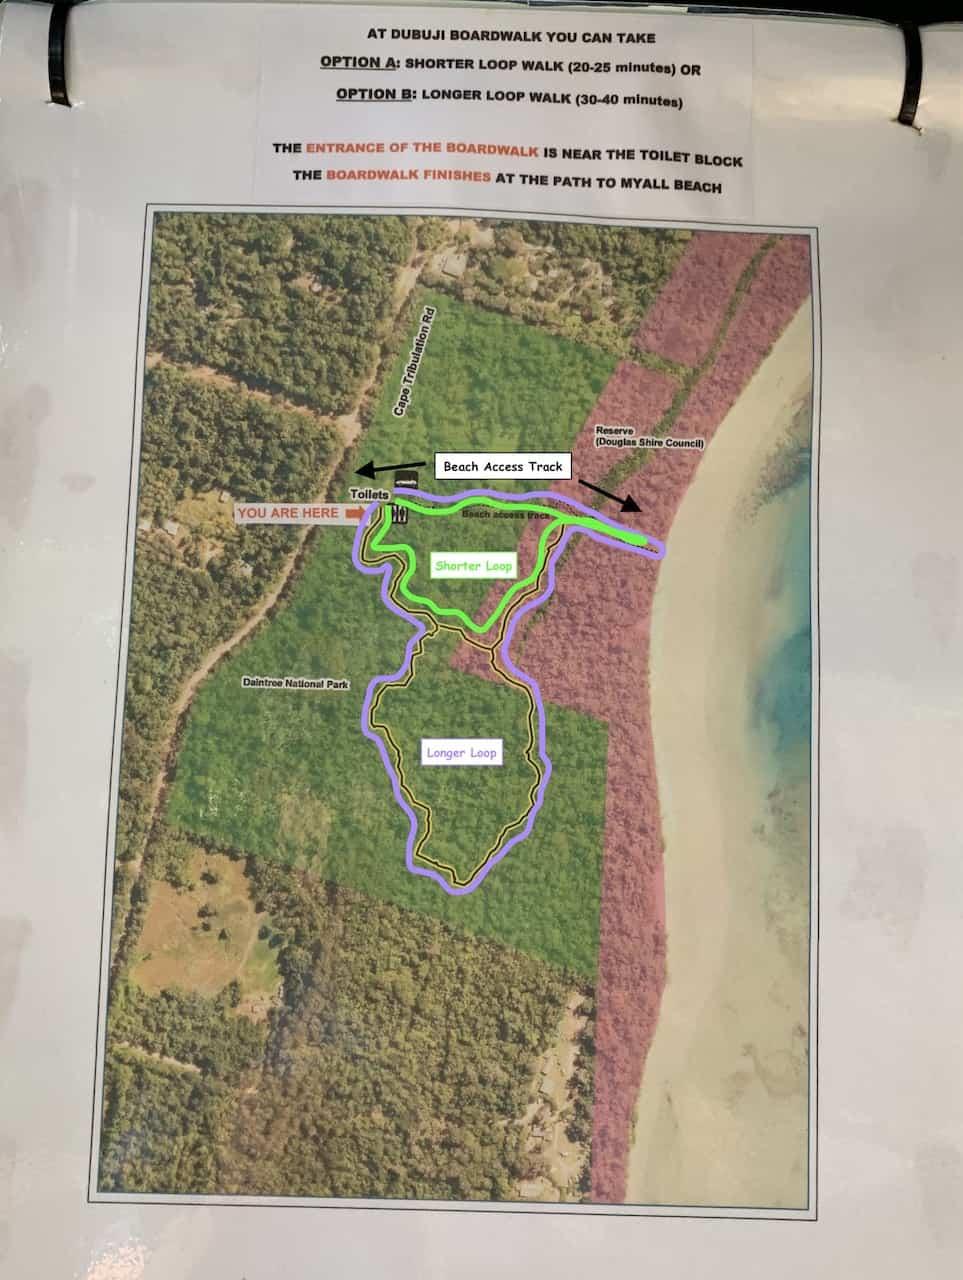 Dubuji Boardwalk Map